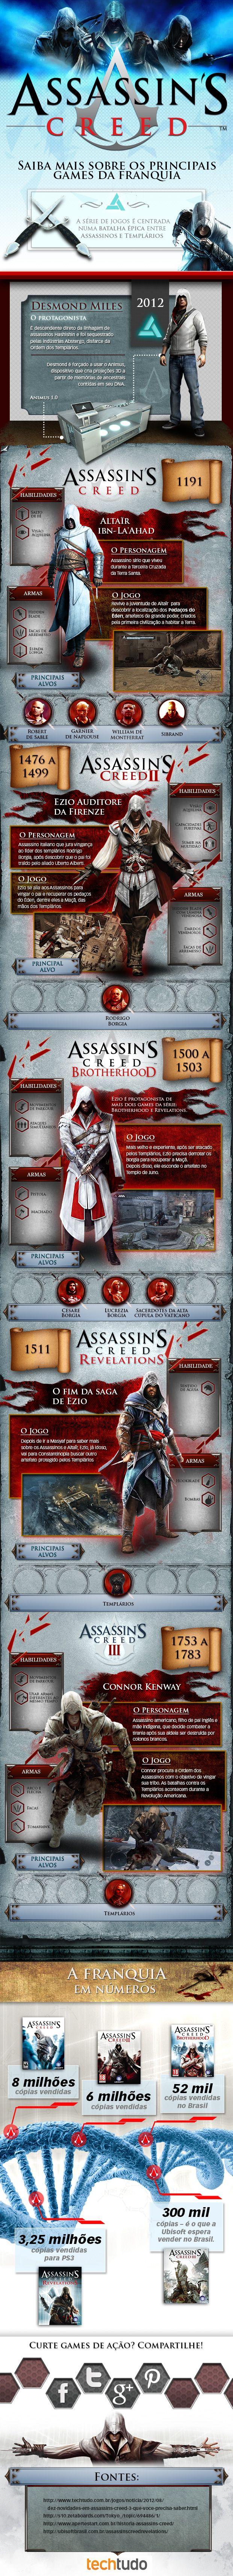 Infográfico de Assassin's Creed mostra a história completa da série